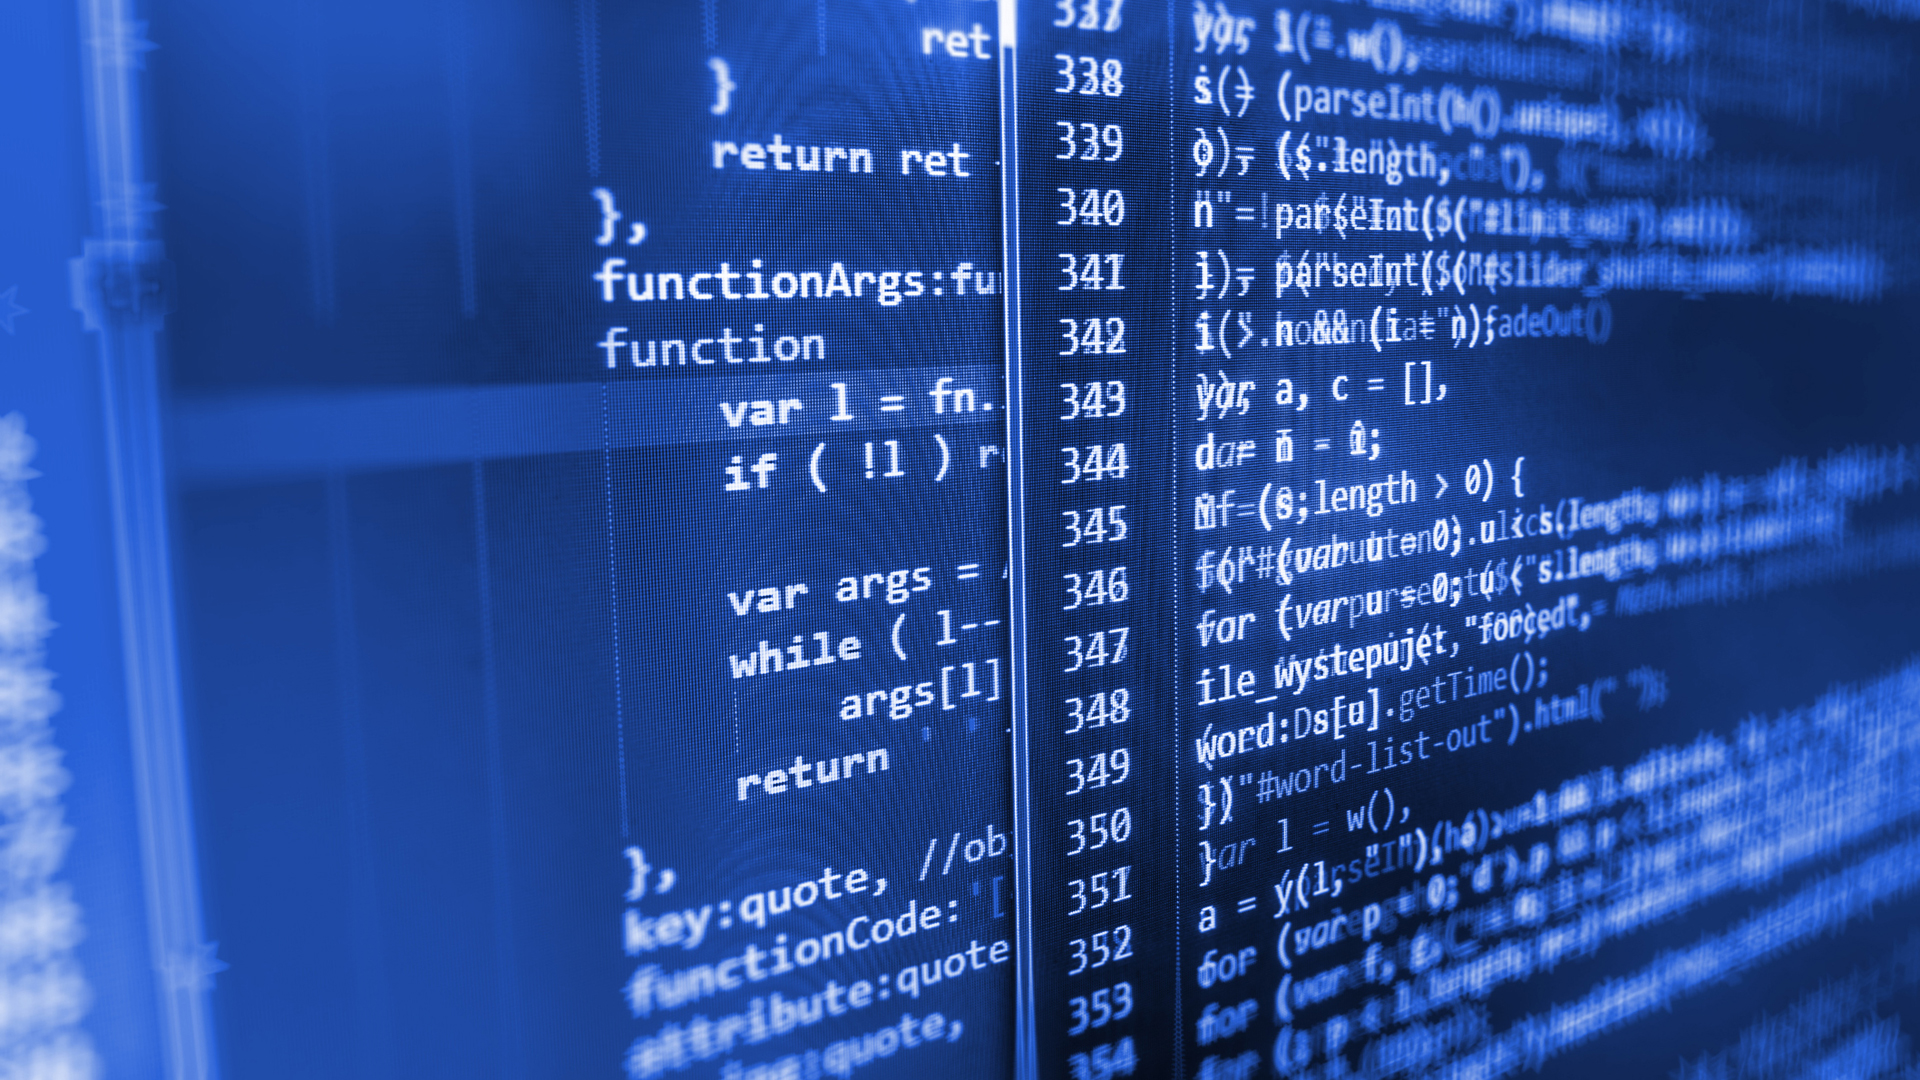 Der Quellcode eines Computerprogramms.